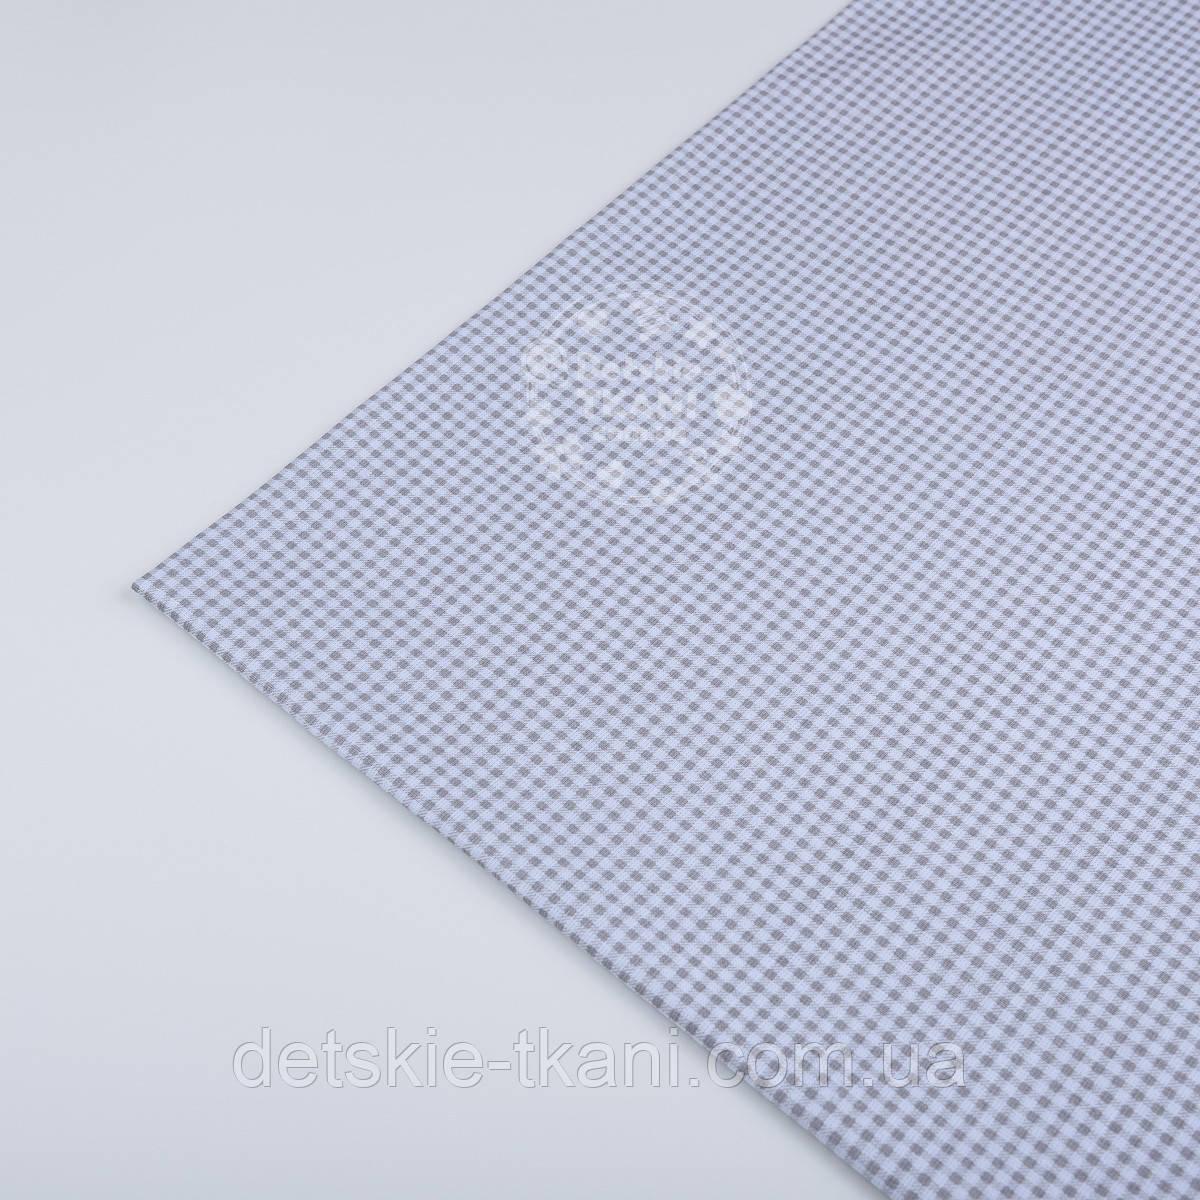 Отрез ткани №732 с бело-серой клеточкой